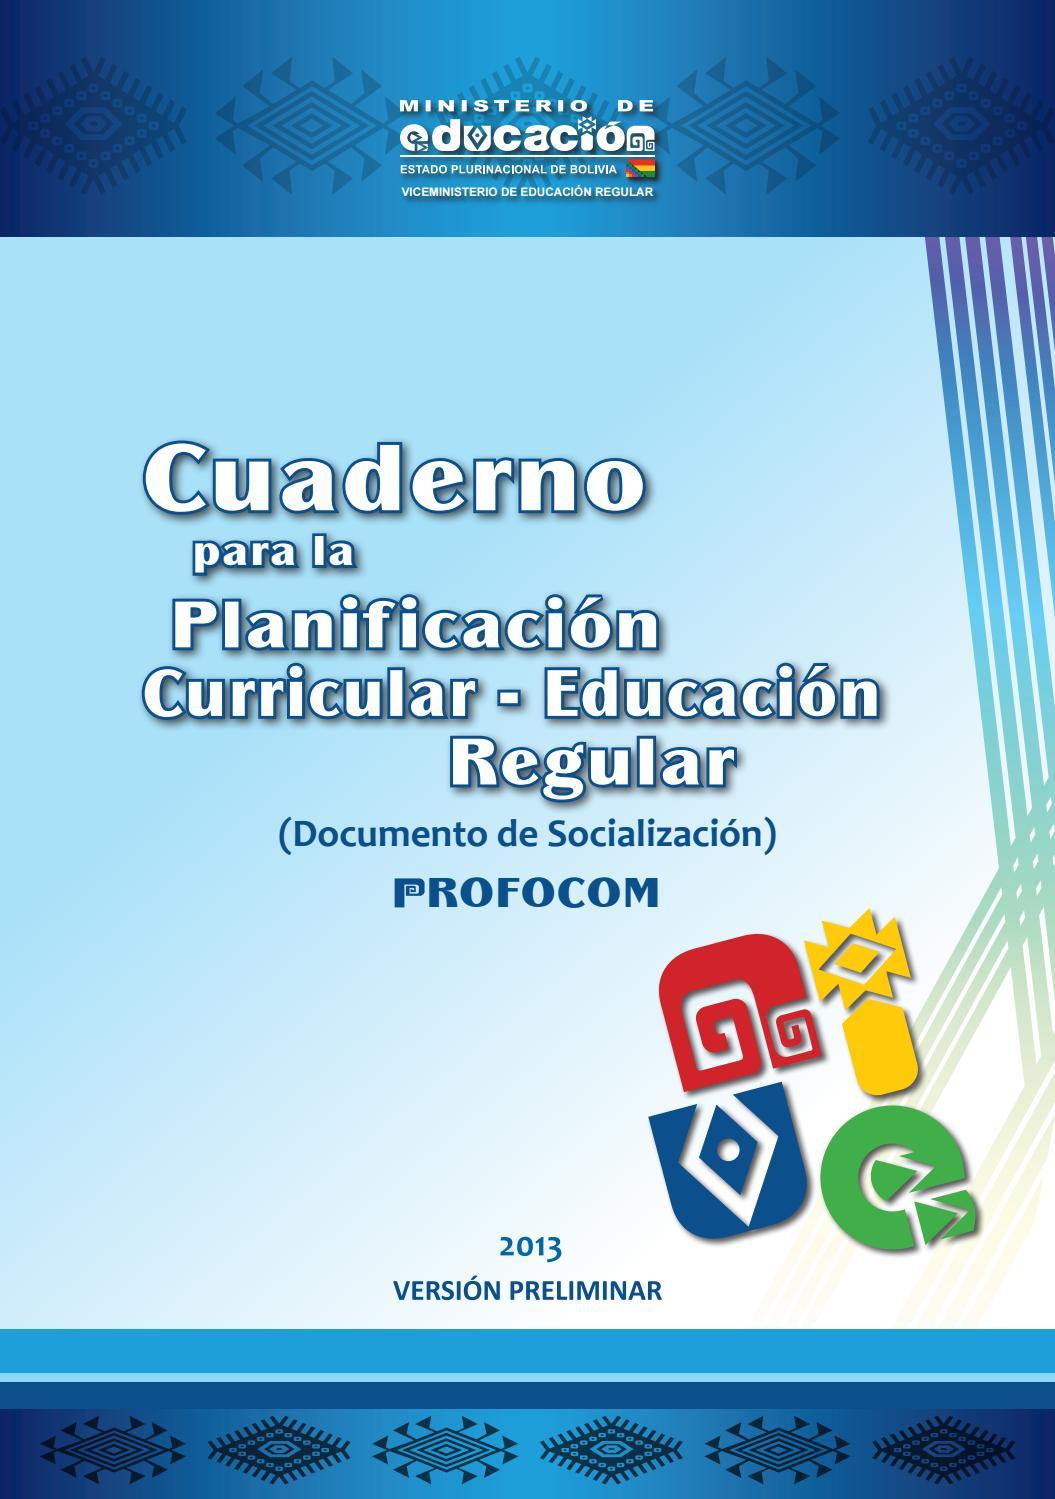 Planificación Curricular Educación Regular Bolivia By